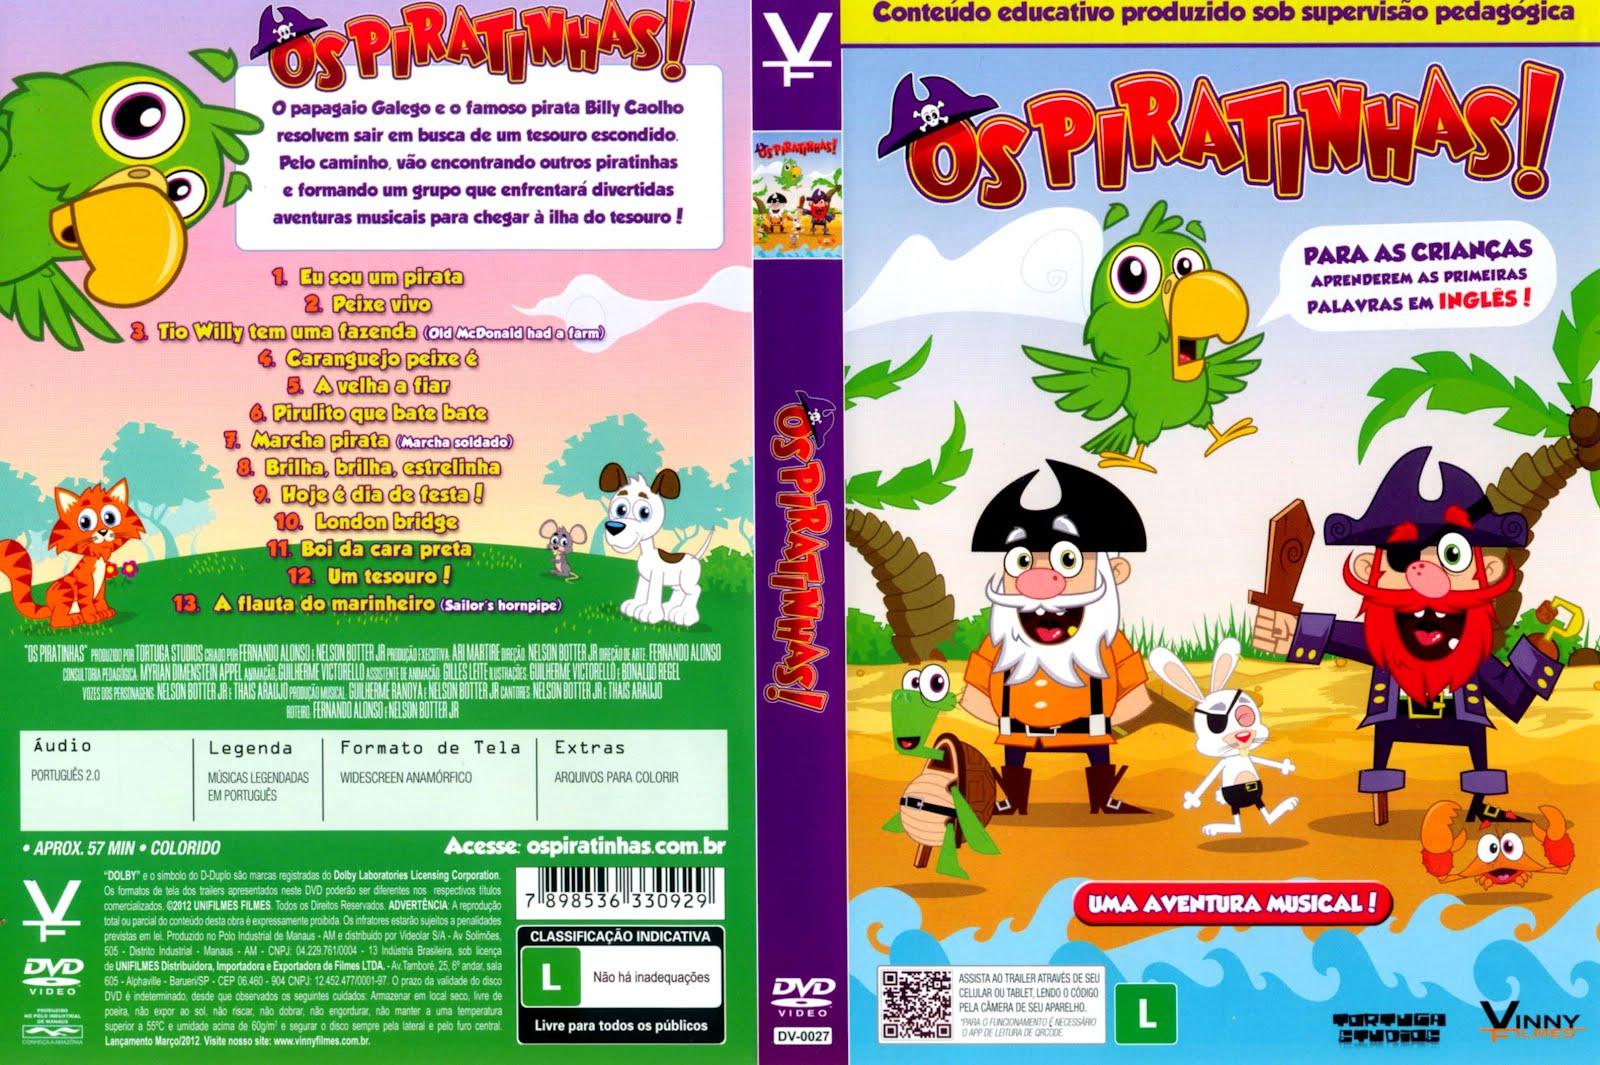 dvd os piratinhas